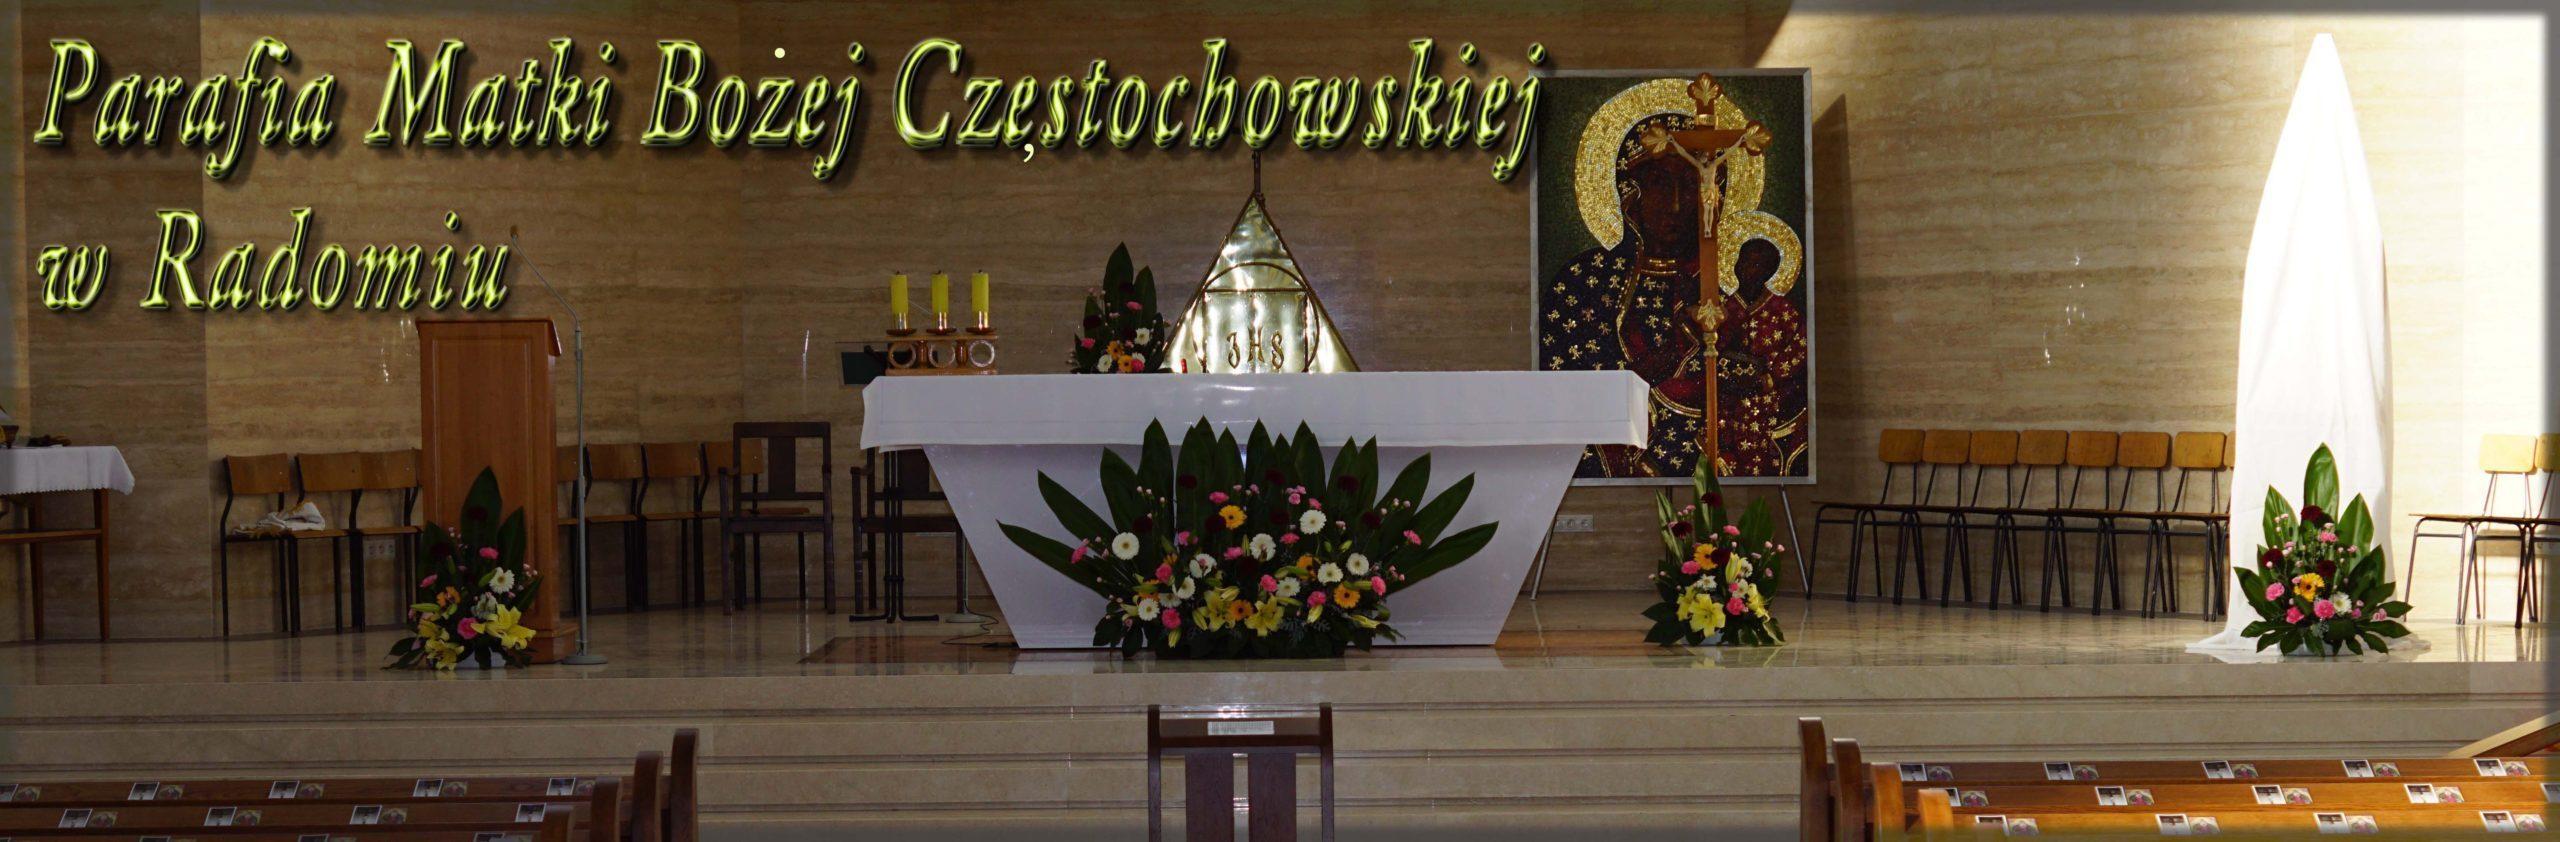 Parafia Matki Bożej Częstochowskiej